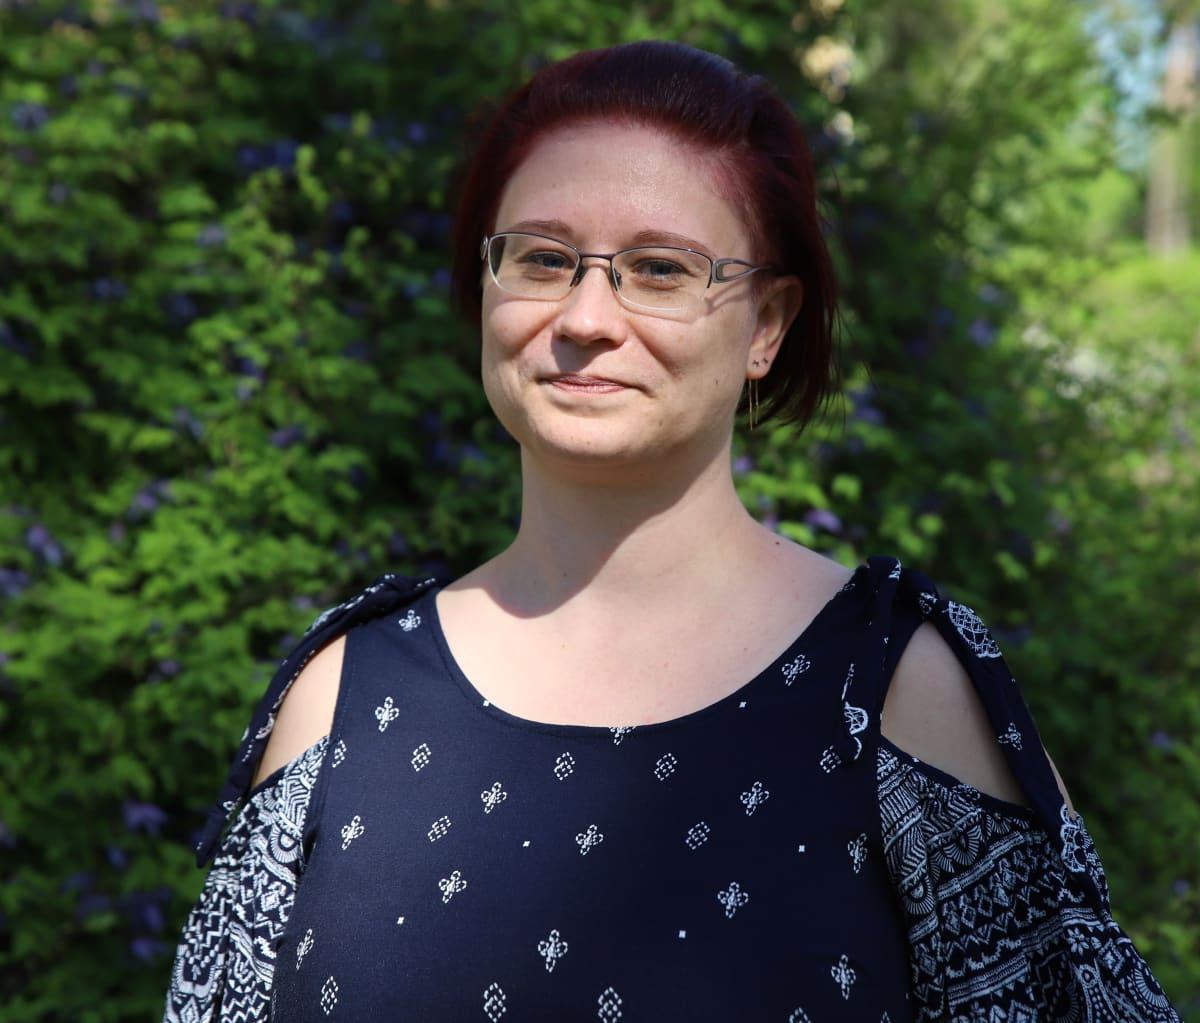 Terhi Lehikoinen, Kankaanpään nuorisotyön ja ehkäisevän päihdetyön tekijä .